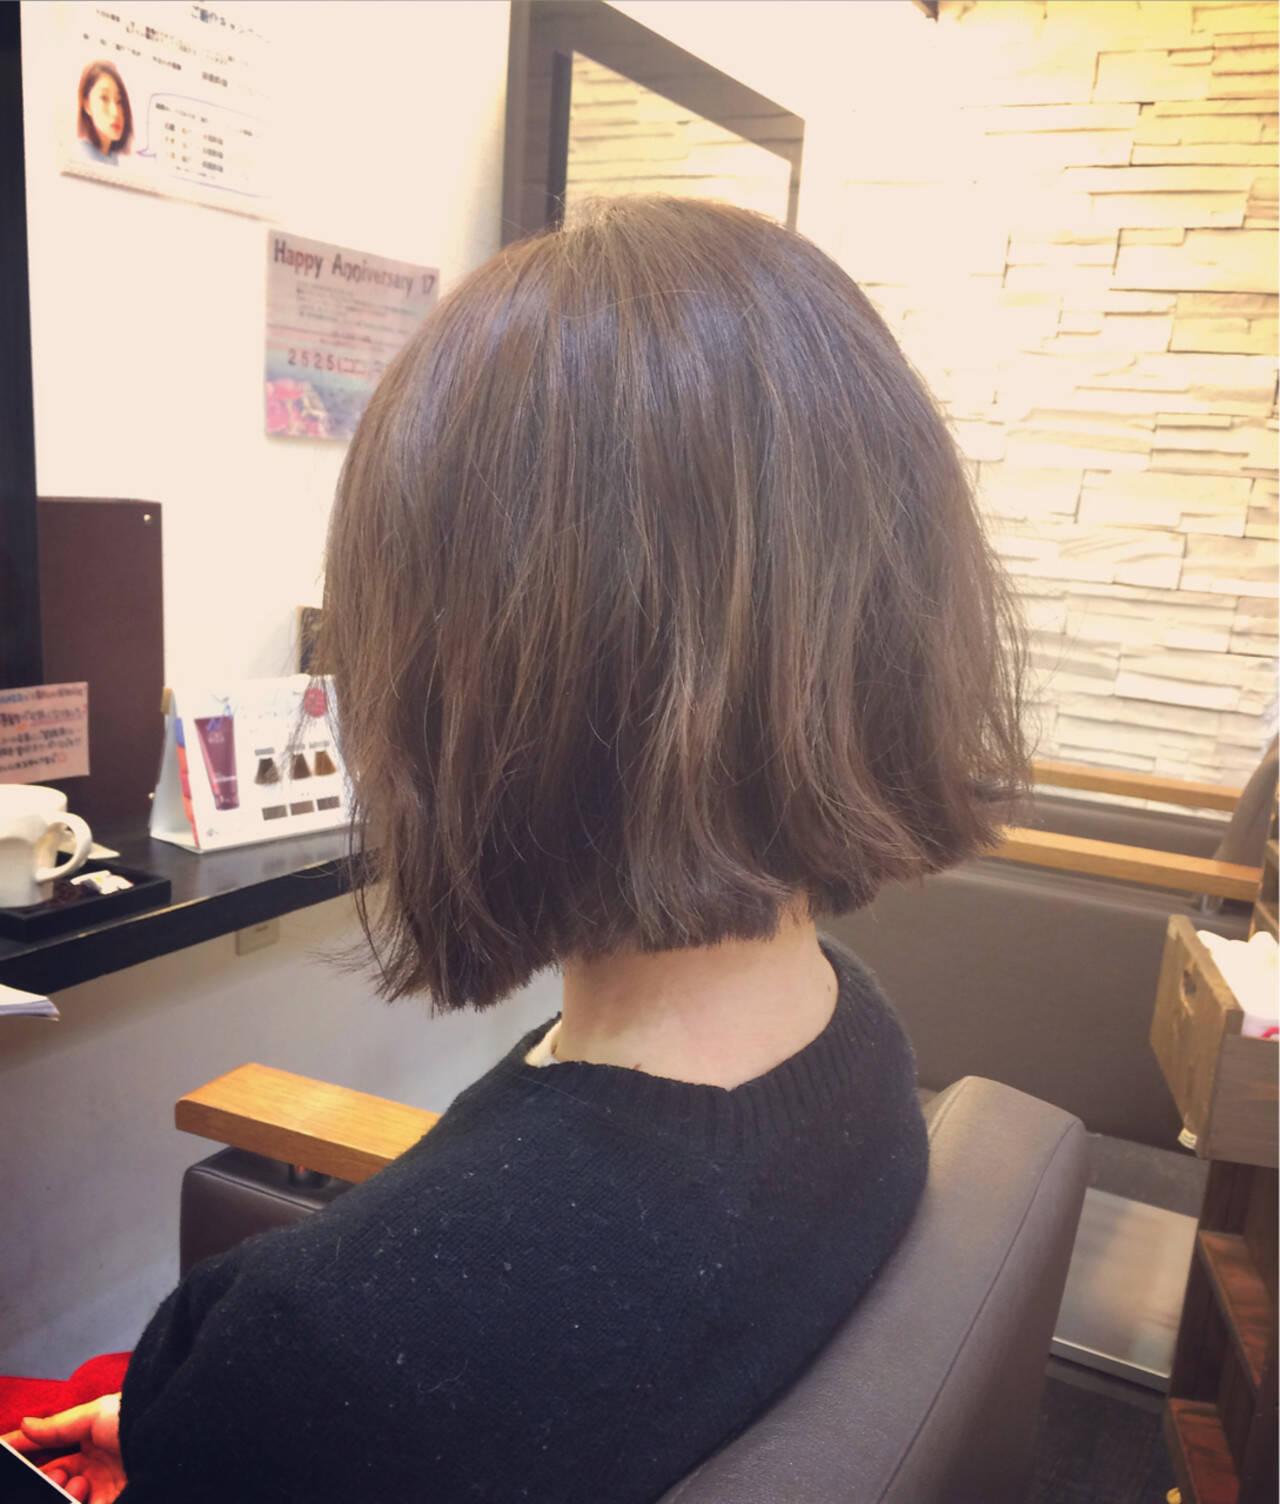 ボブ 暗髪 ストリート 大人かわいいヘアスタイルや髪型の写真・画像